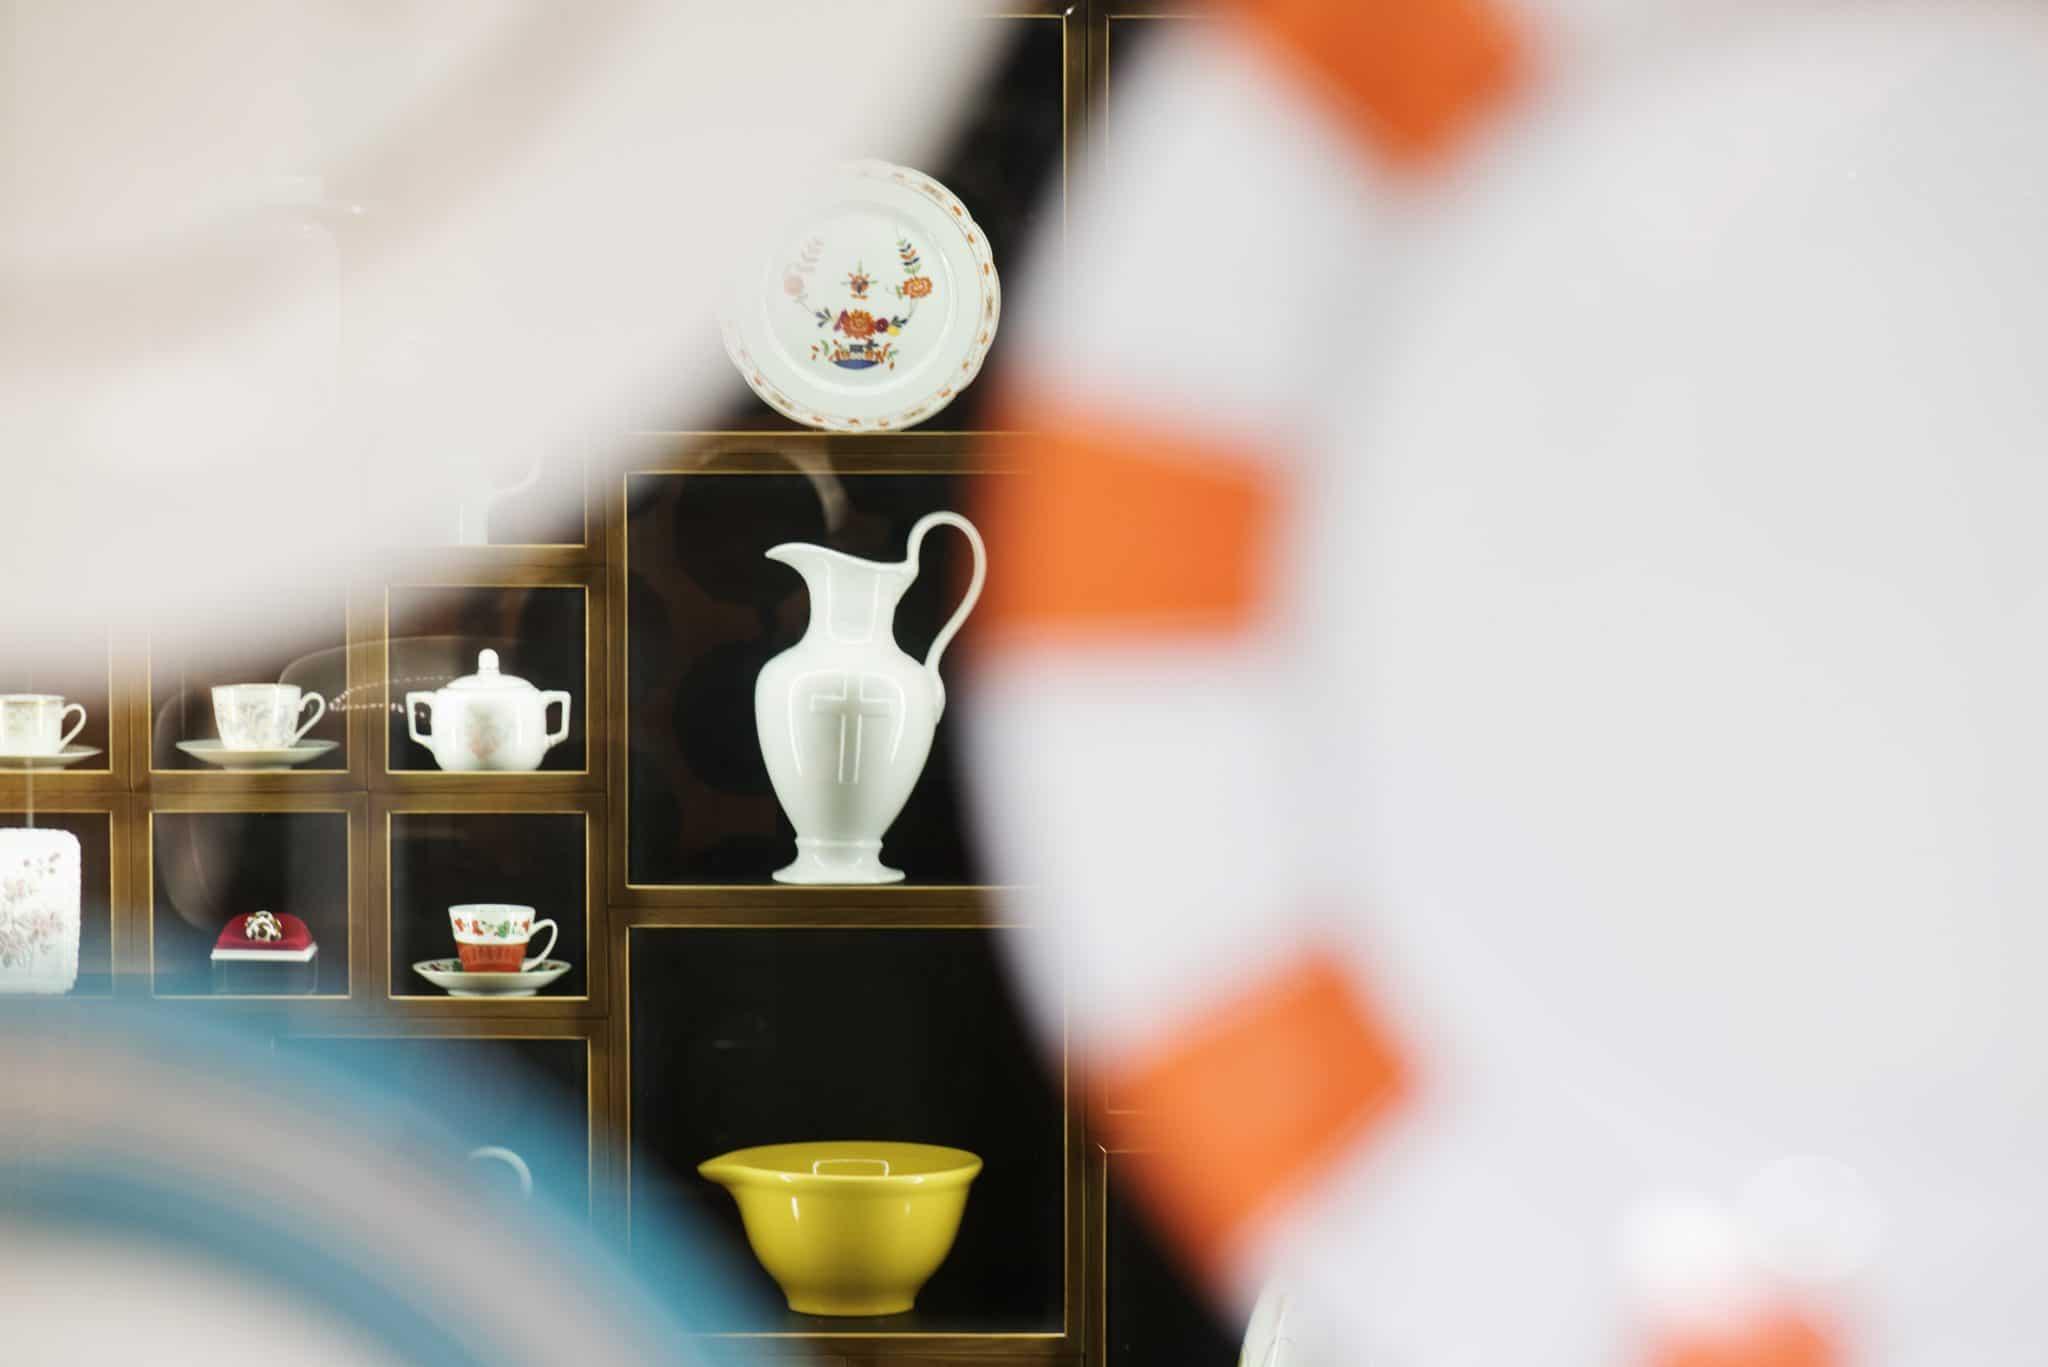 Utstilling av Porsgrund porselen